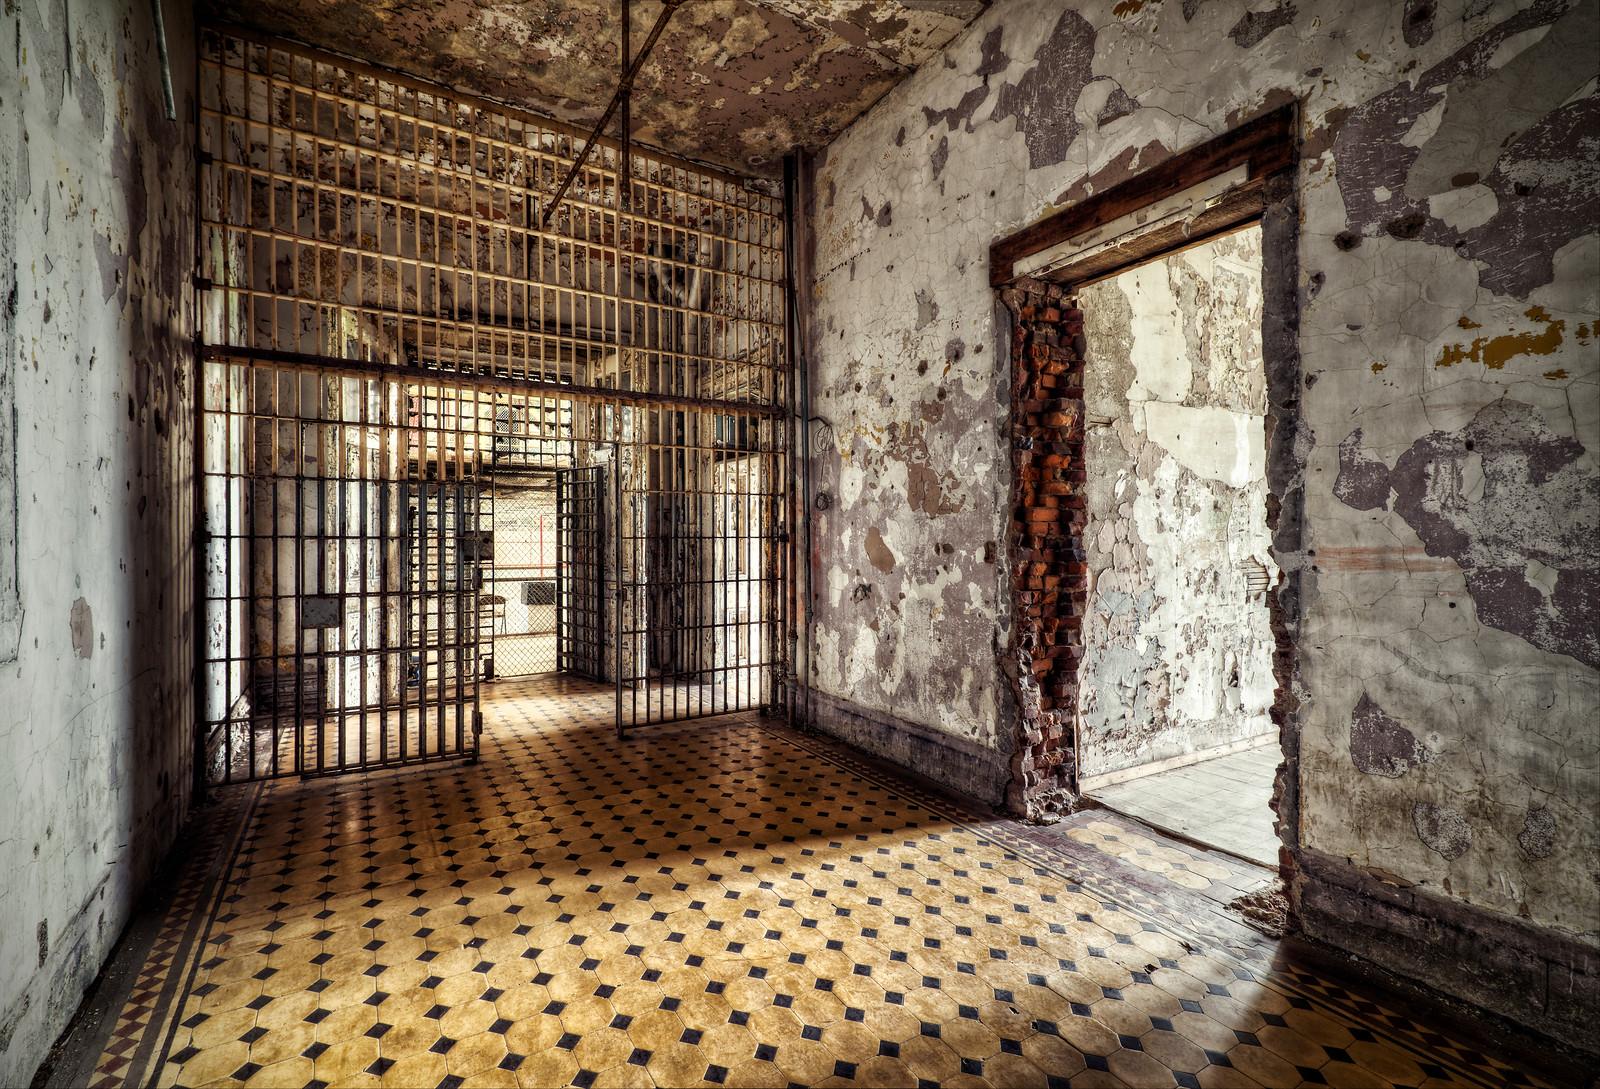 West Virginia Penitentiary Corridor